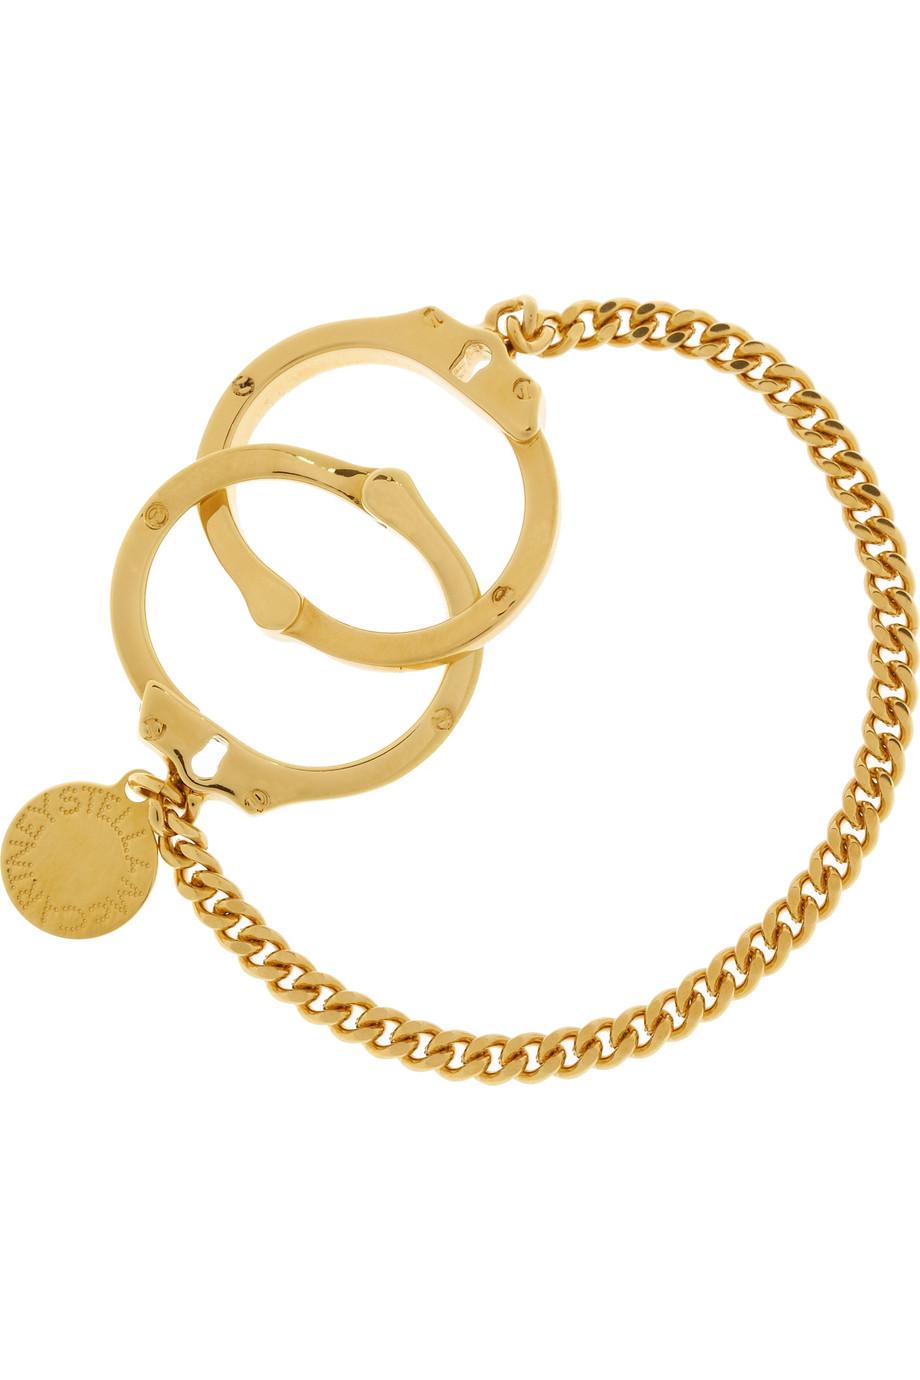 4a0787953e1b Stella McCartney  Pulsera dorada con forma de esposas